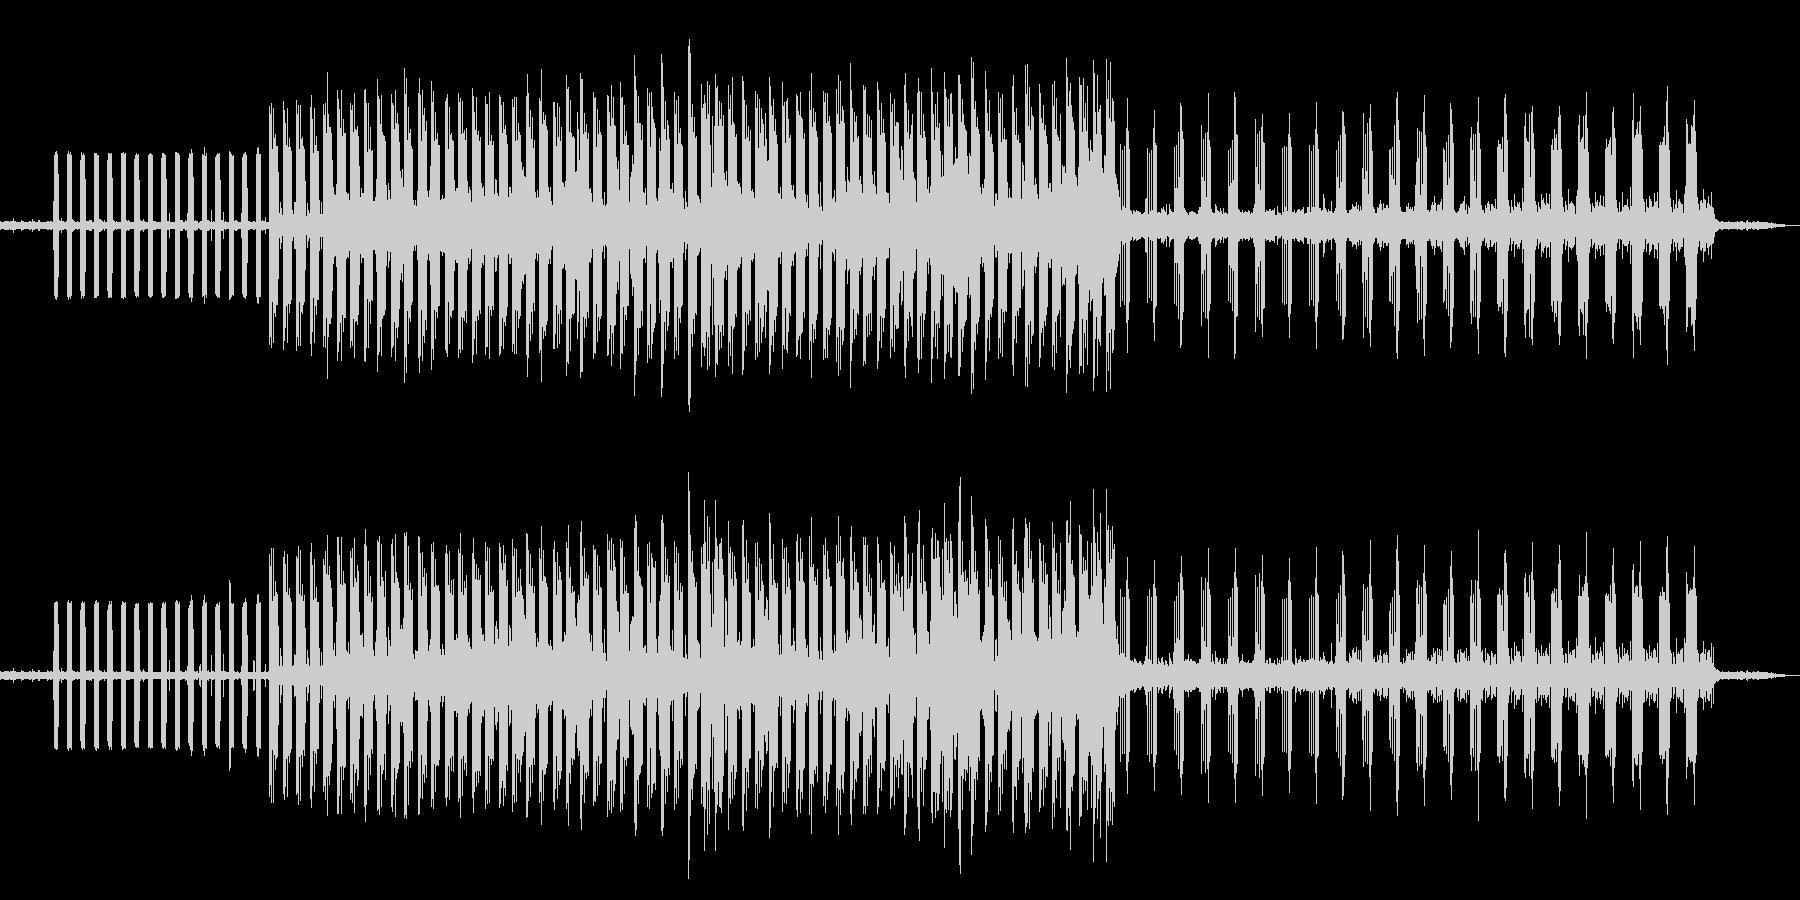 ピアノ クール 個性的 アートな音楽の未再生の波形